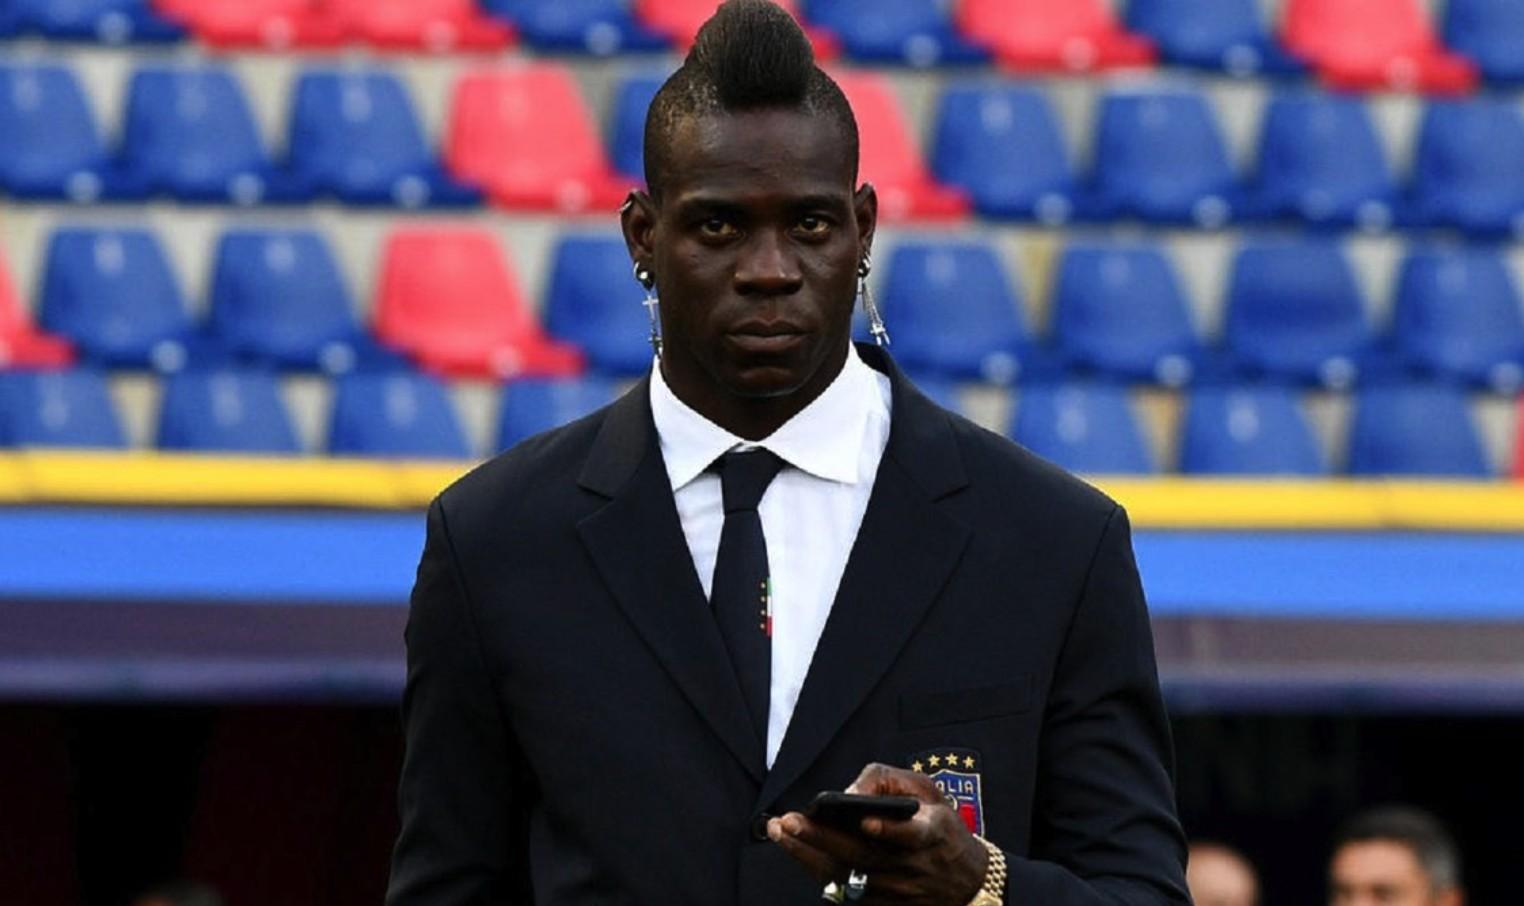 目前他正在跟随一支意大利第四级别联赛的球队进行练习